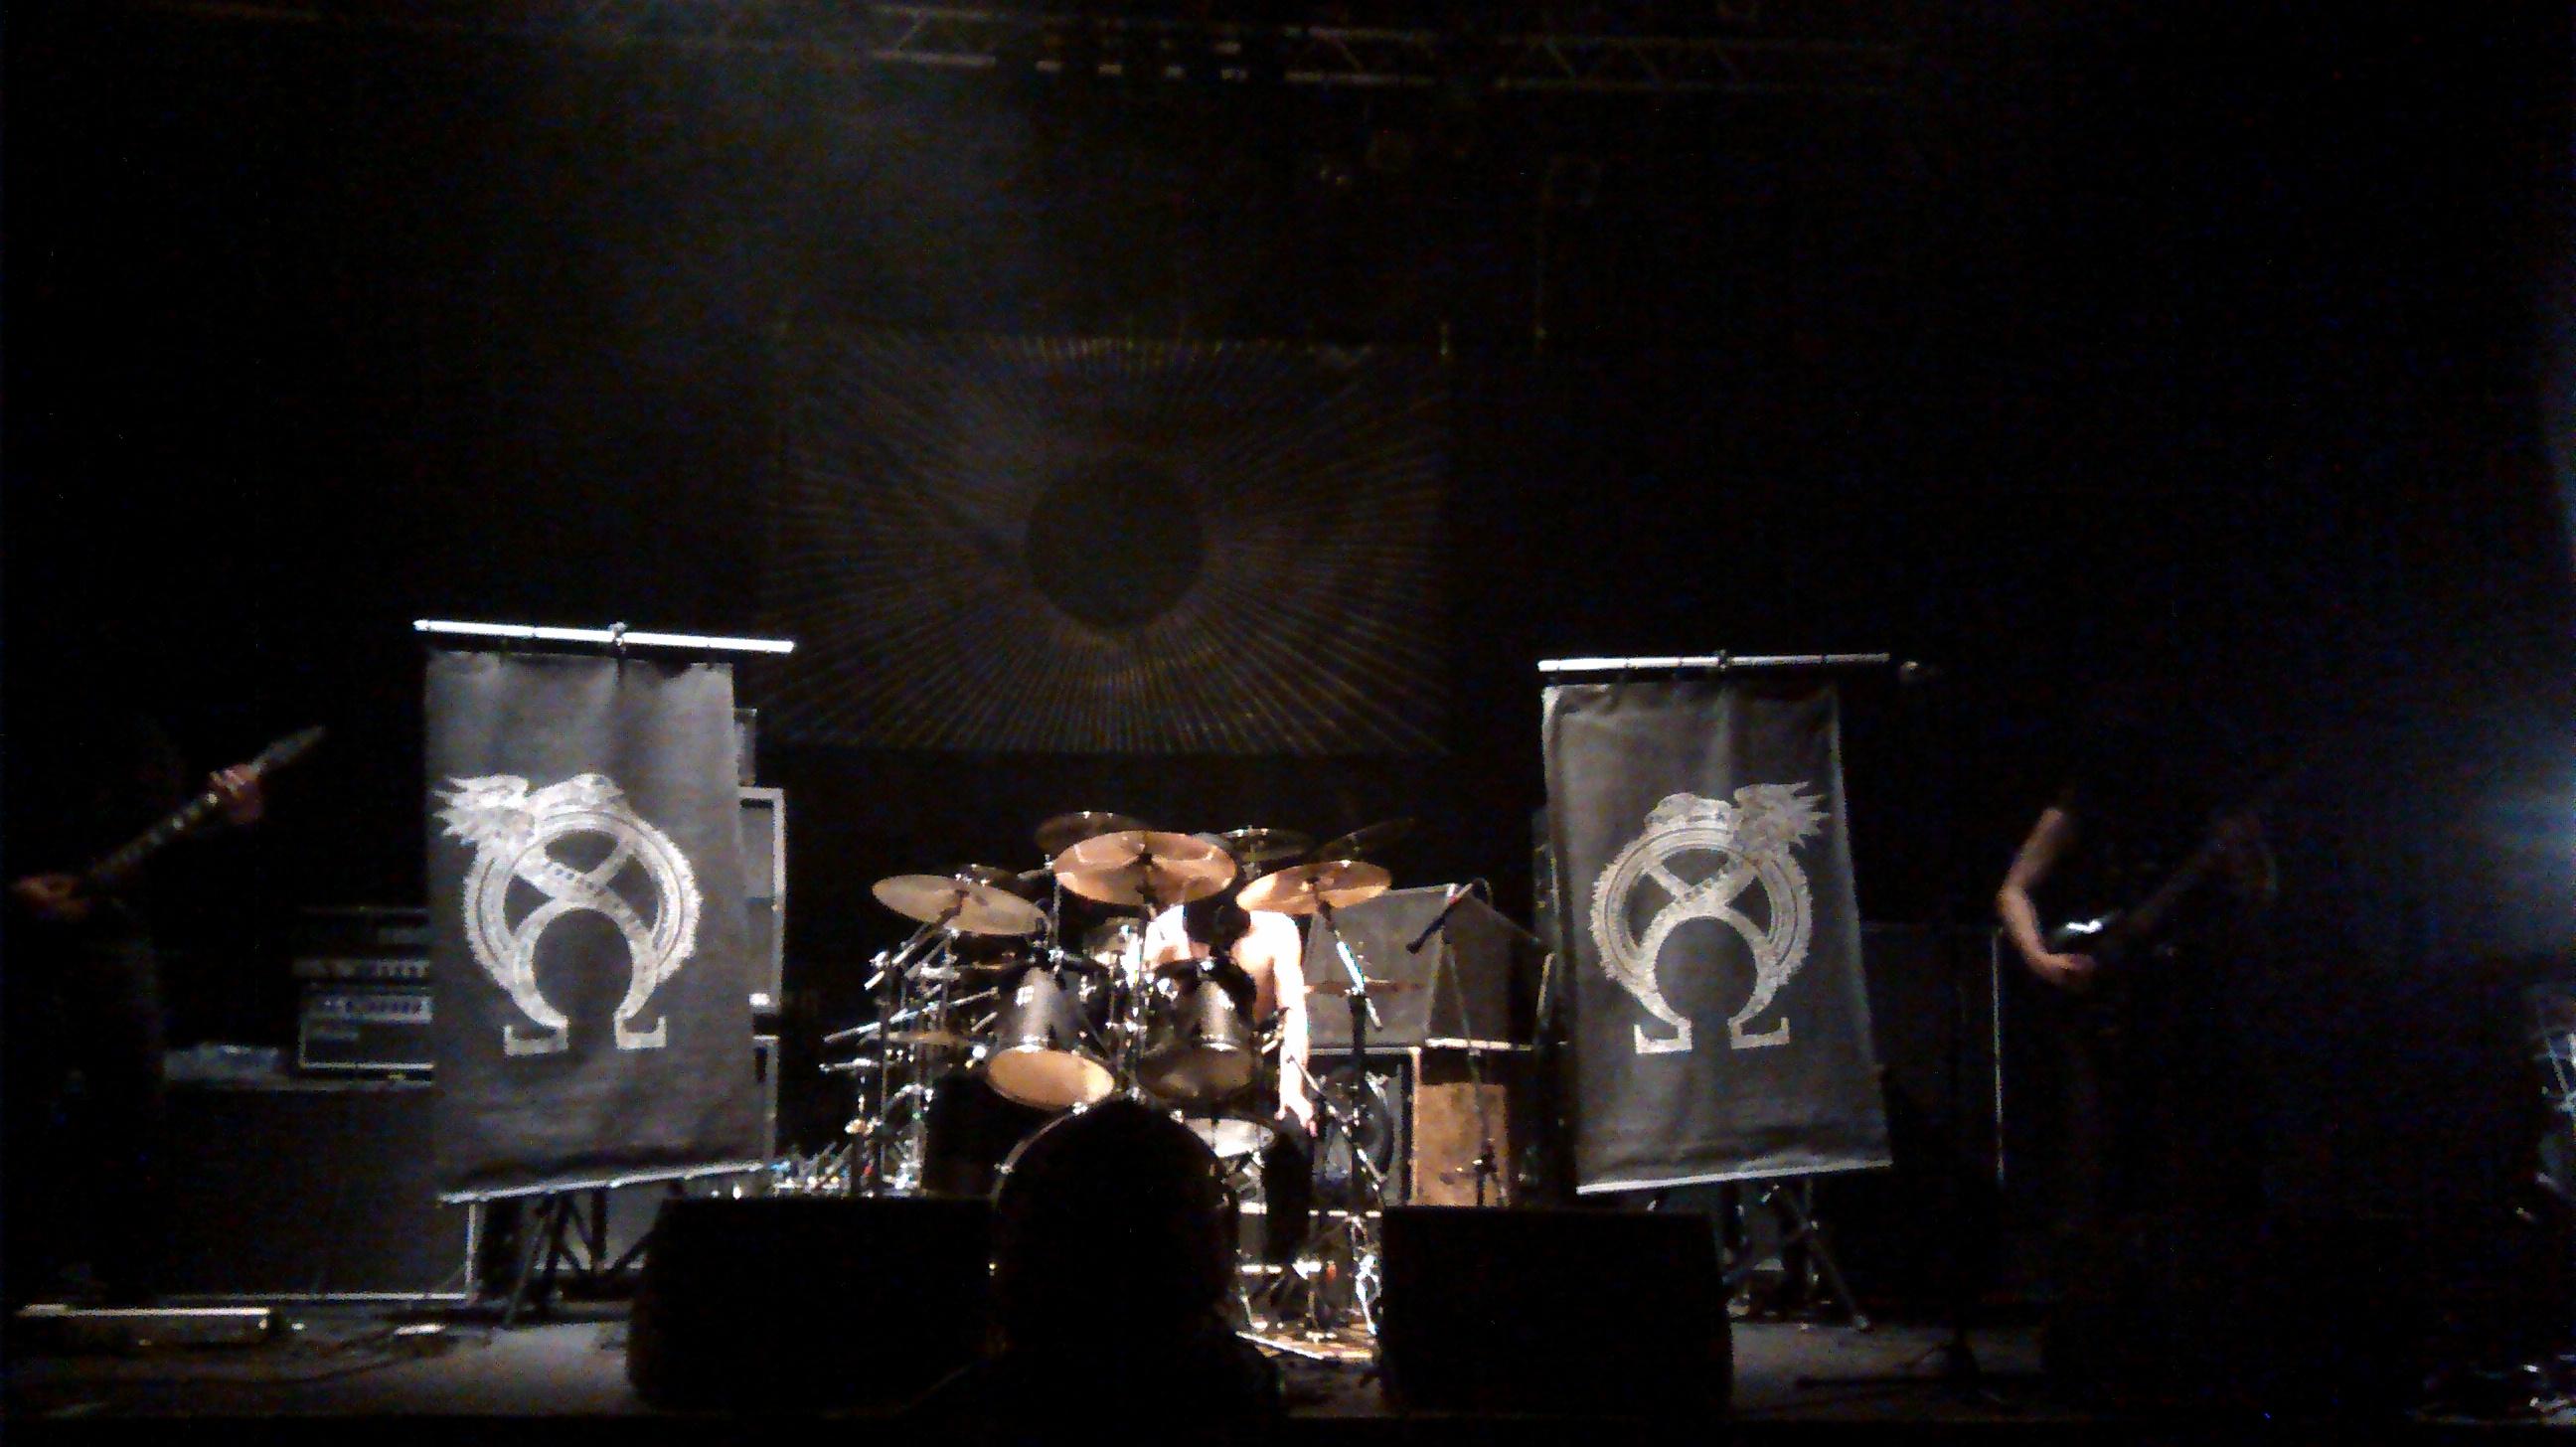 stage banners - Kafirun